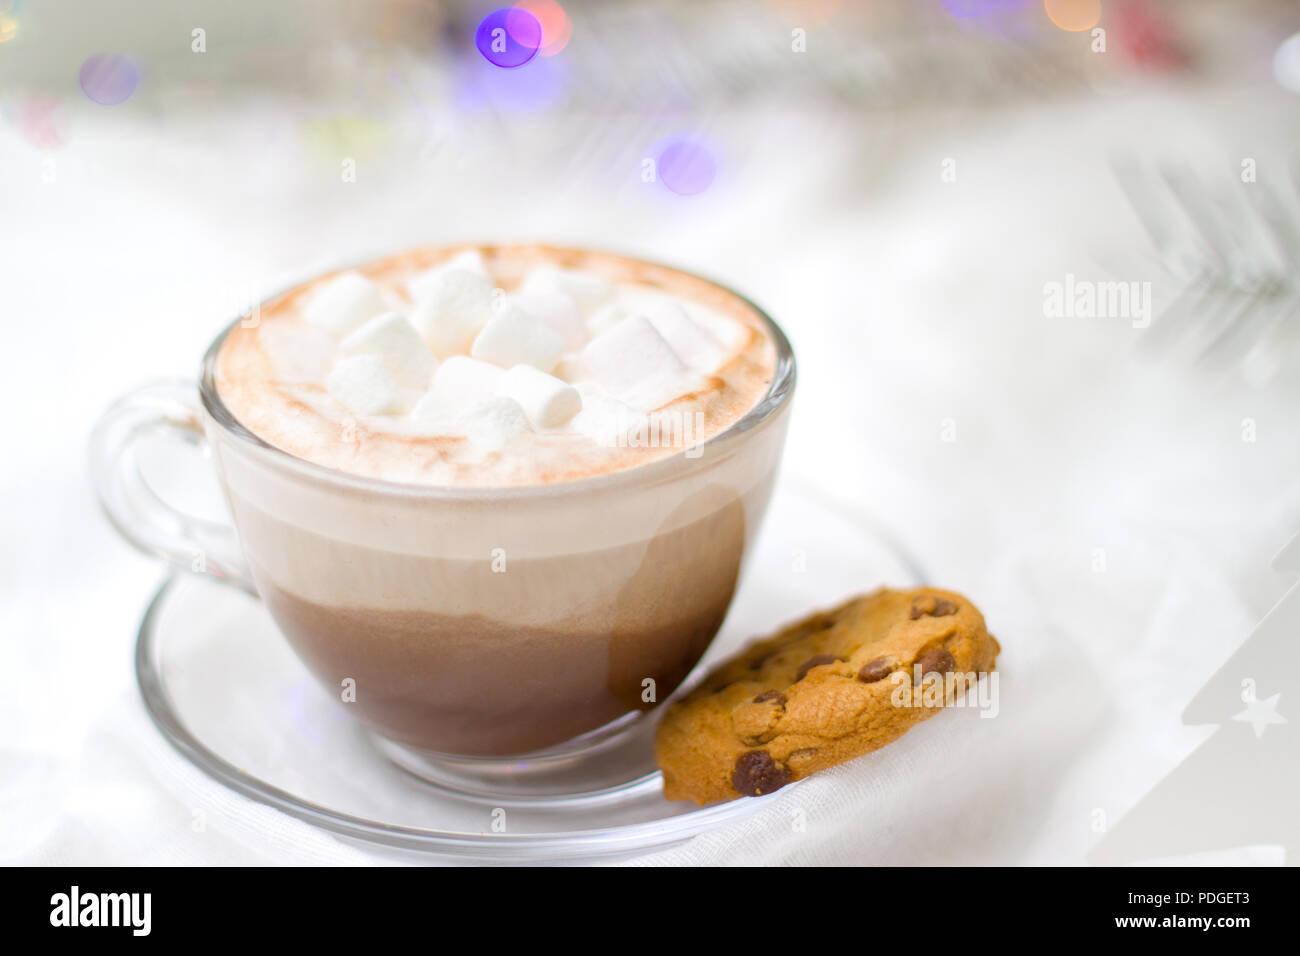 Urlaub Winter Feier Und Guten Morgen Konzept Weihnachten